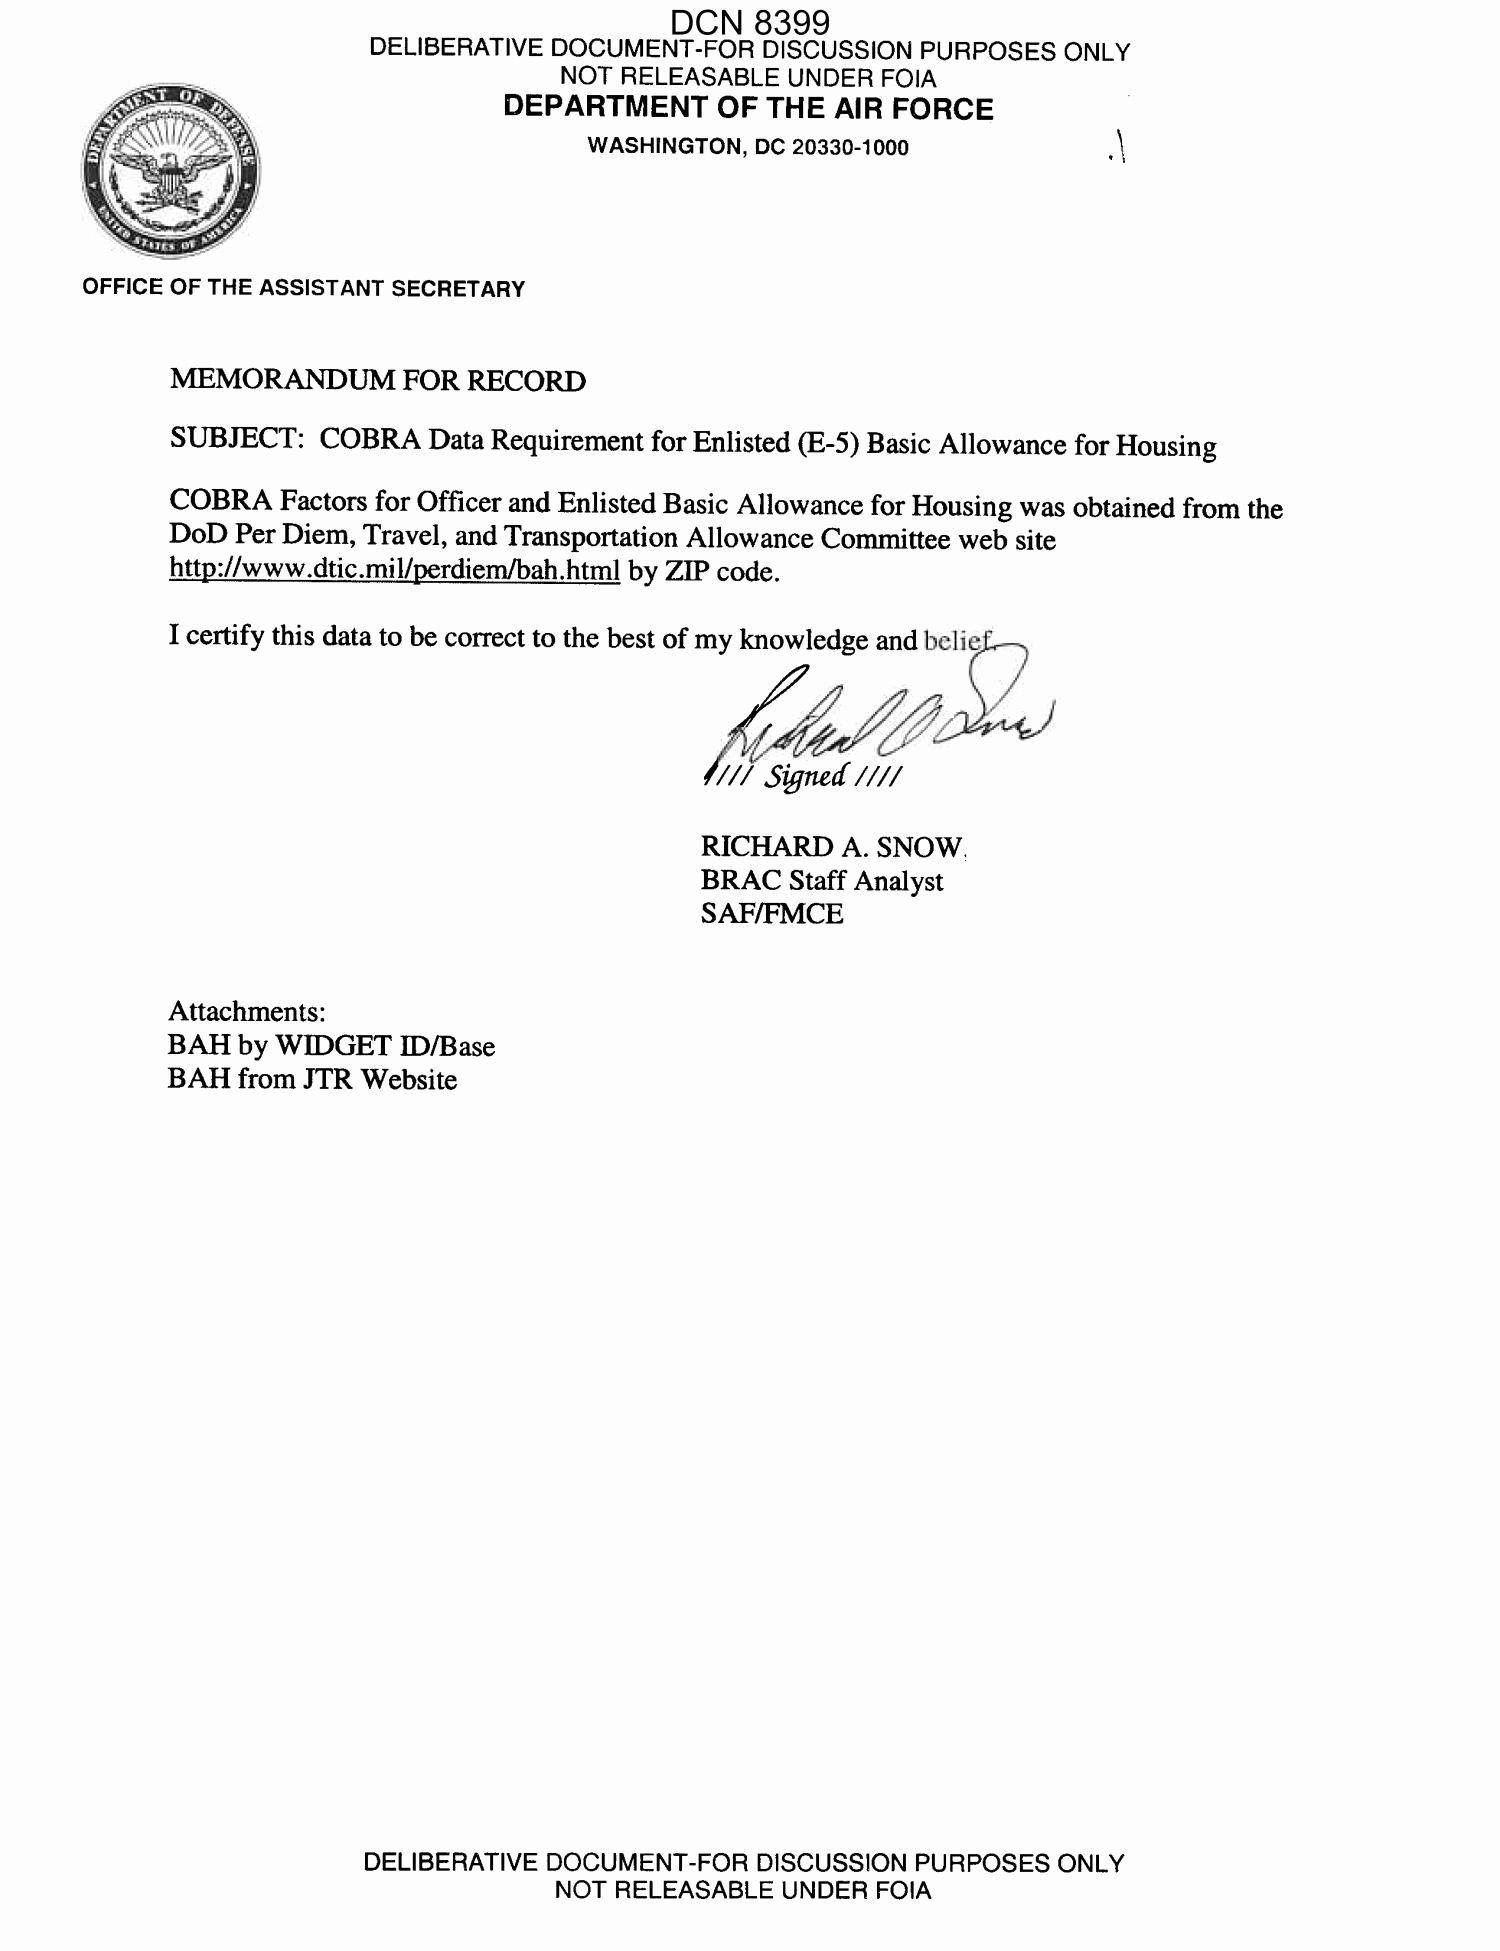 Army Memorandum for Record Template Elegant Memorandum for Record From Richard A Snow Brac Staff